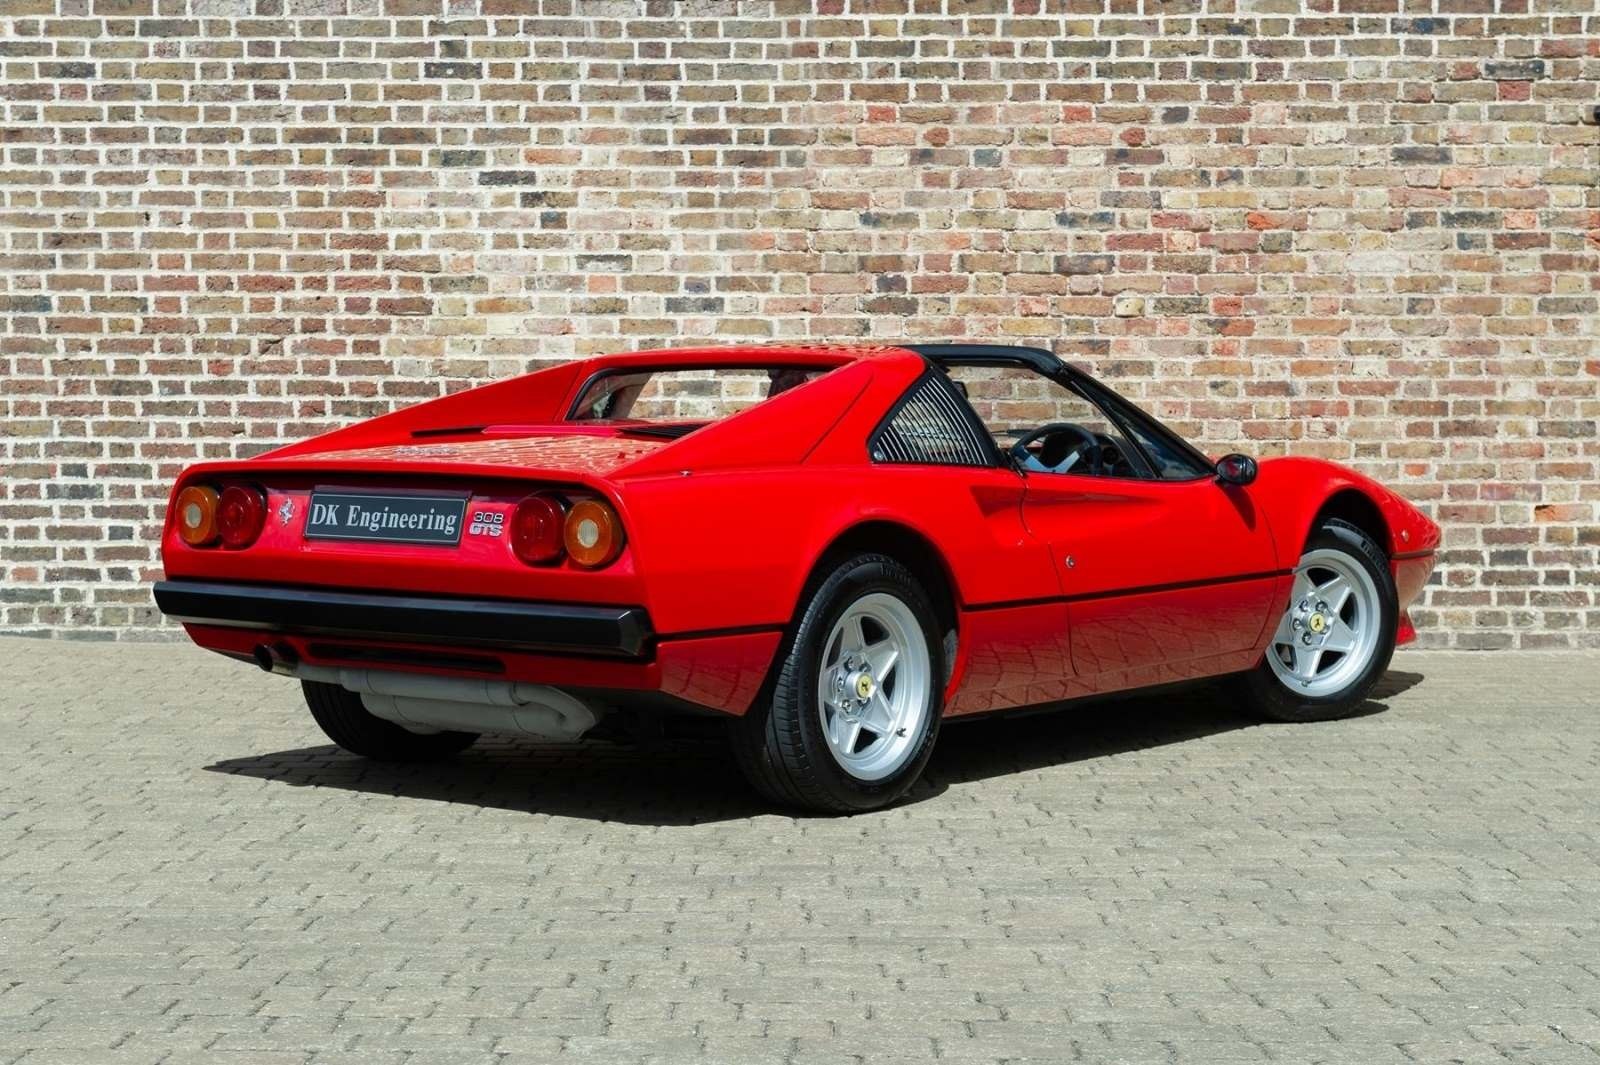 Ferrari 308 Gts For Sale >> Ferrari 308 Gts For Sale Vehicle Sales Dk Engineering